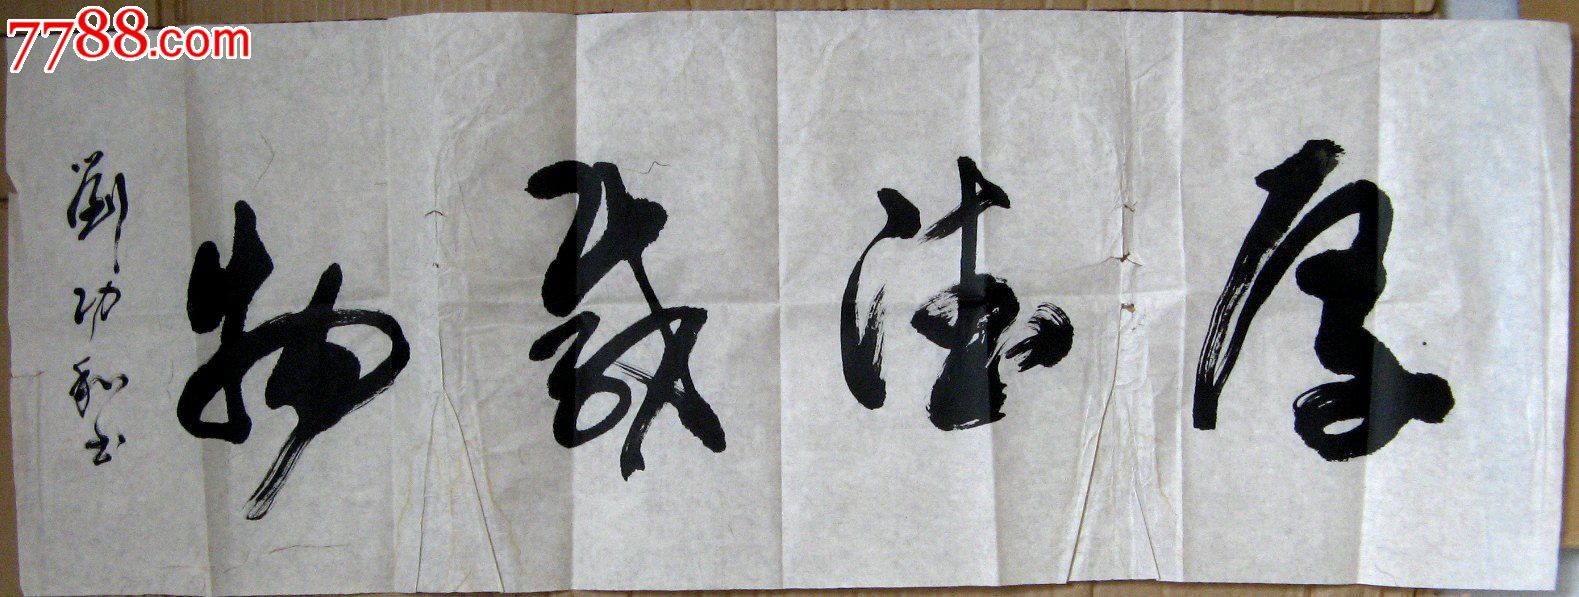 天津实力书家苍劲大气的小三尺横幅草书《厚德载物》图片